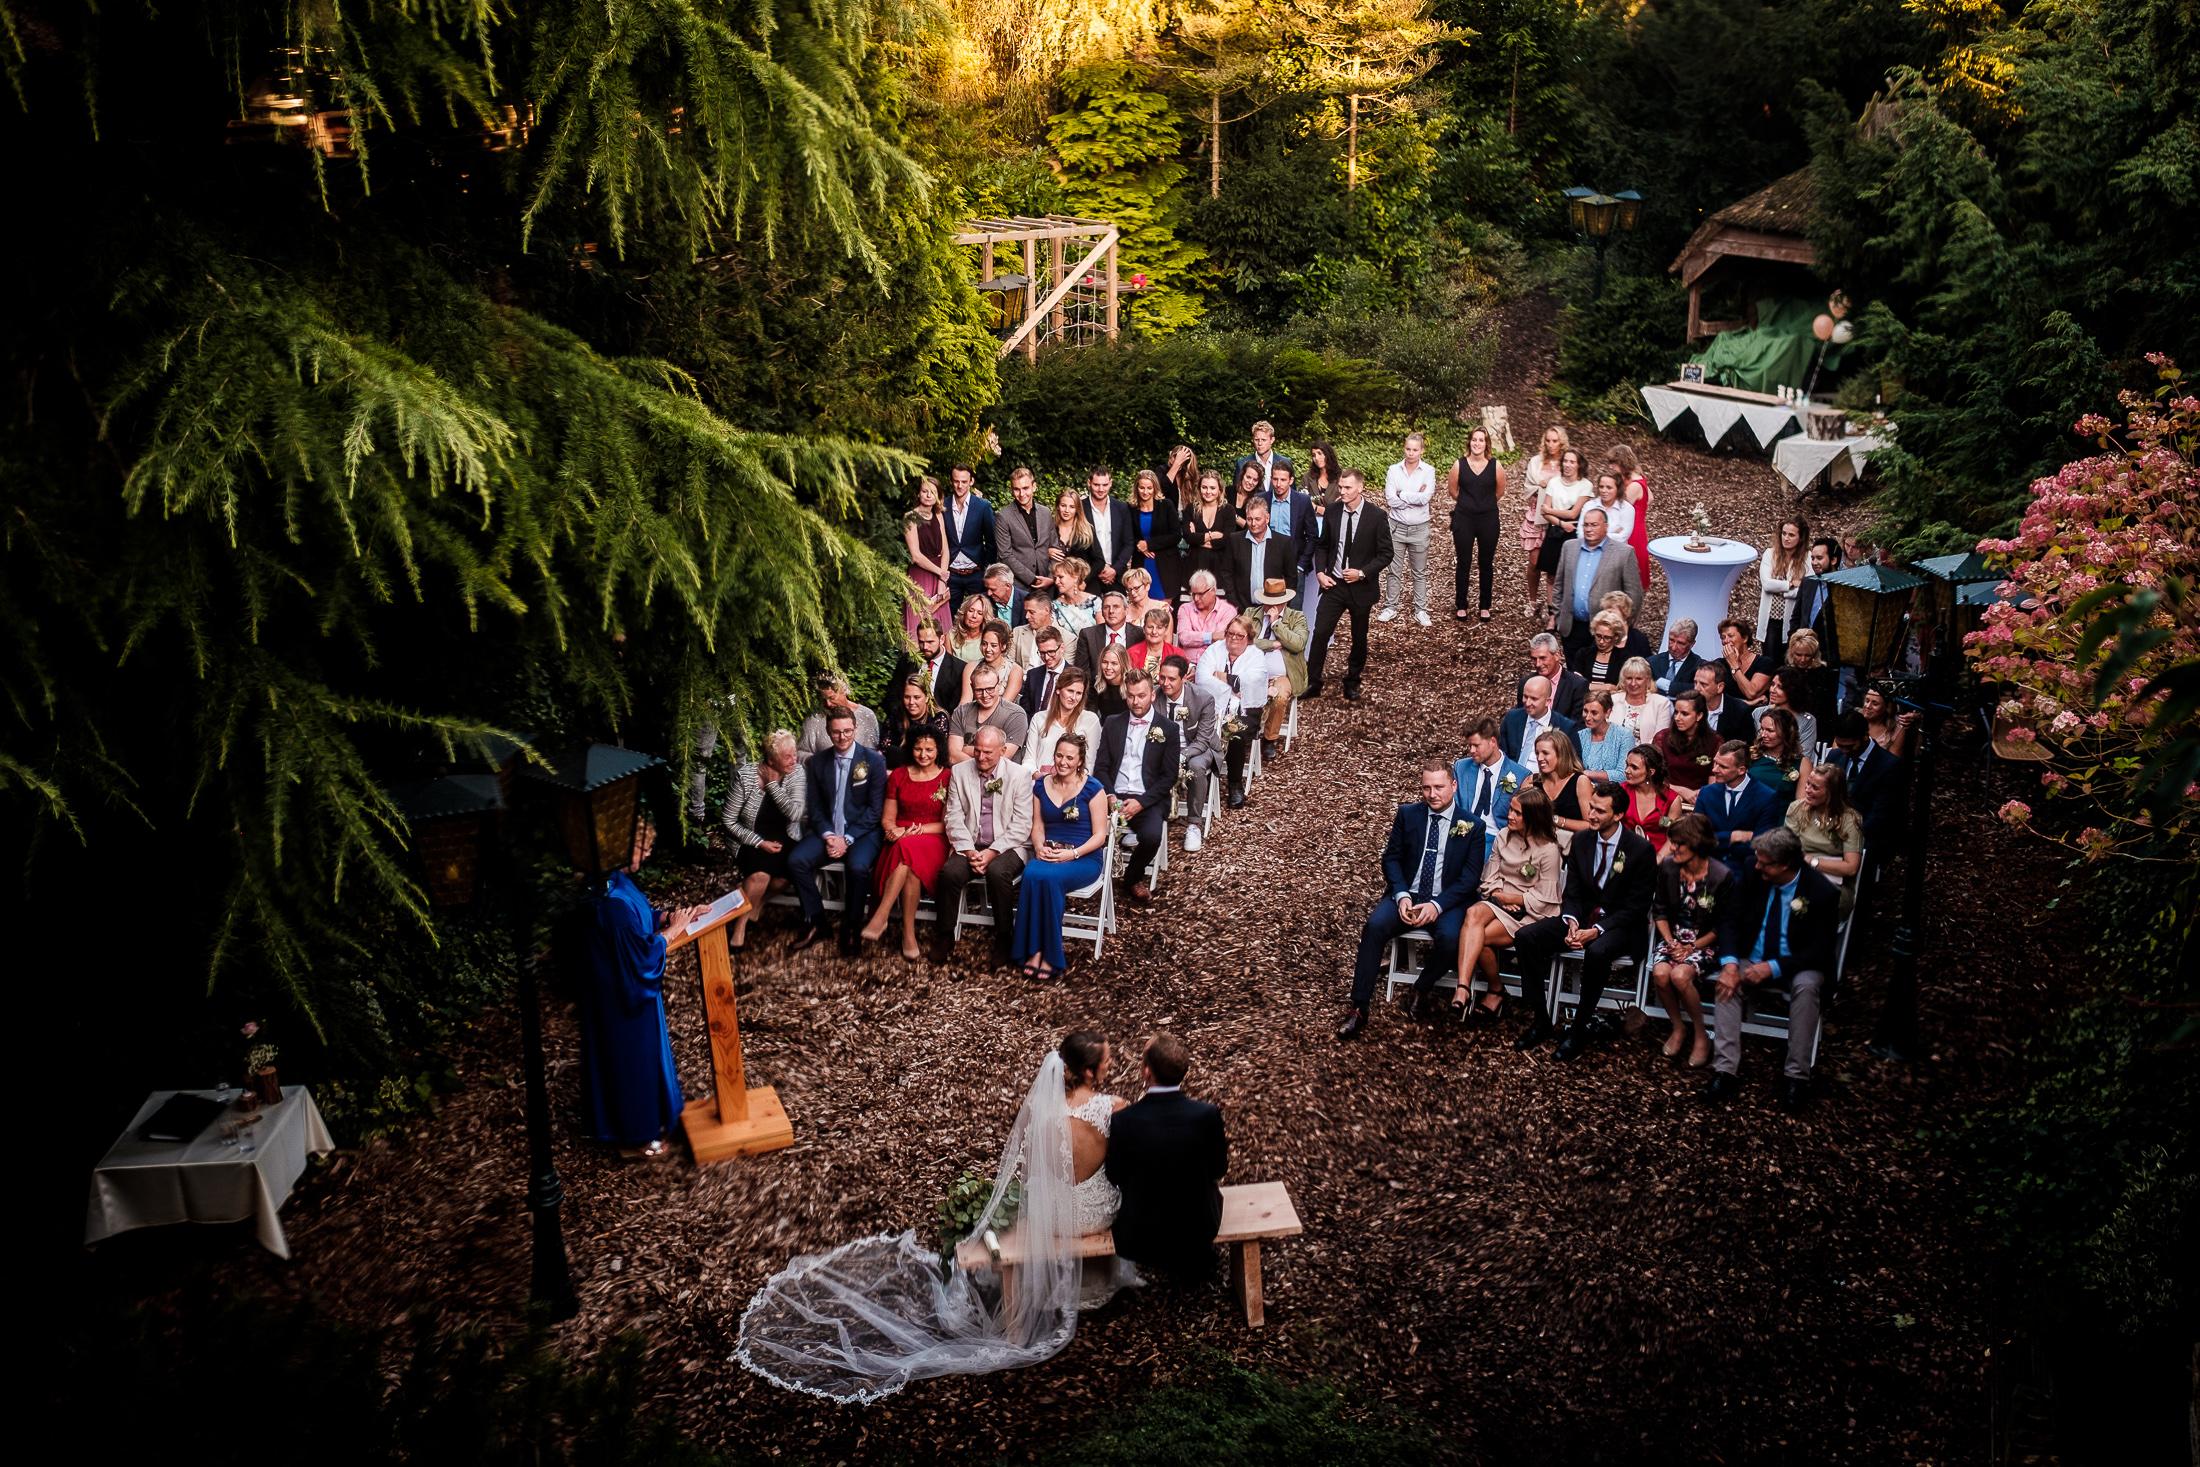 Prachtige buitenceremonie tijdens een bruiloft in Amsterdam